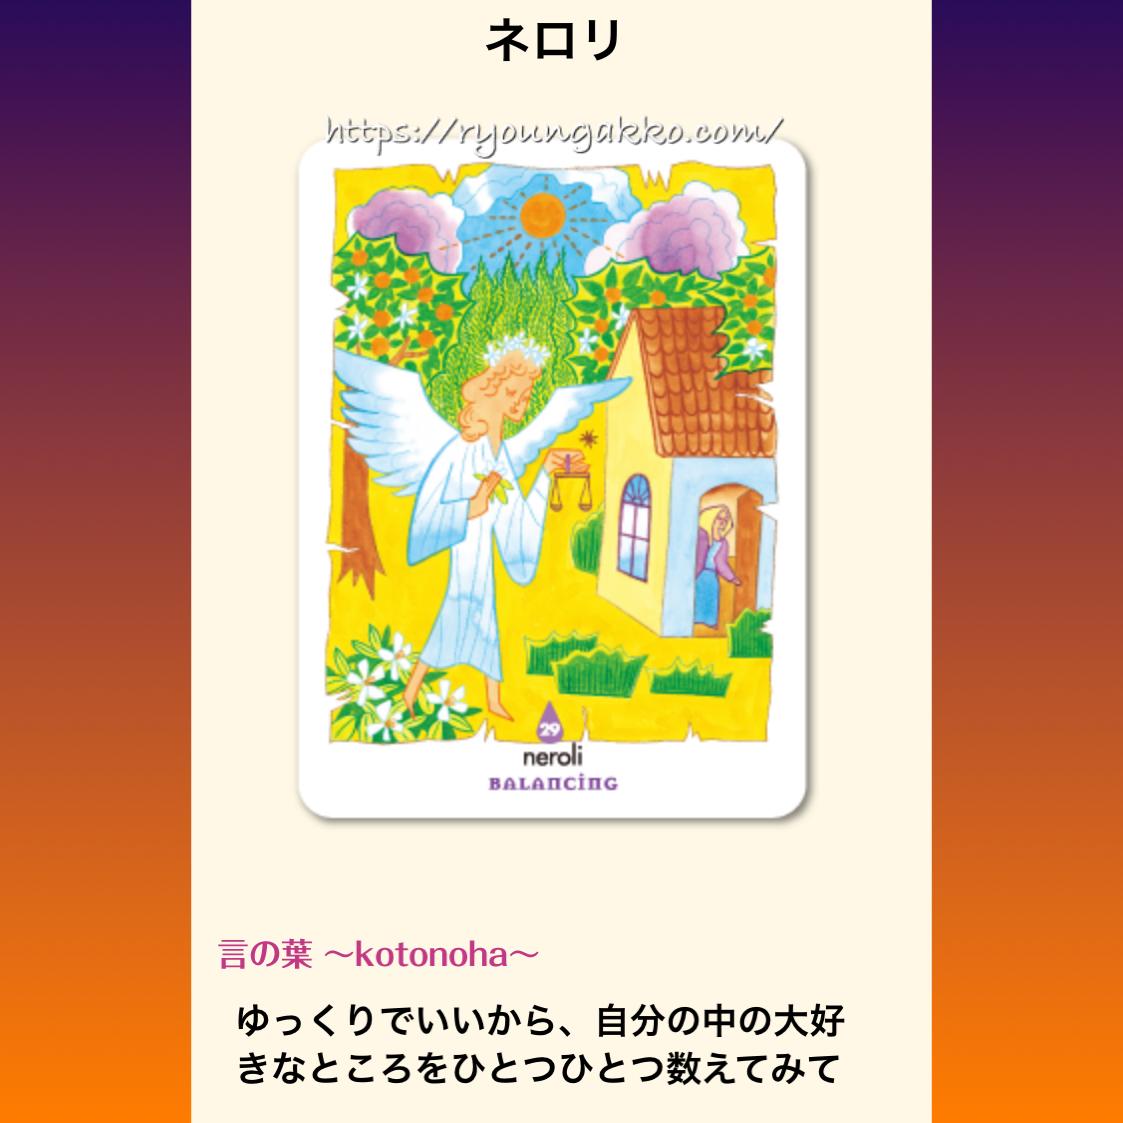 【アロマカード】 ネロリ 『バランス』